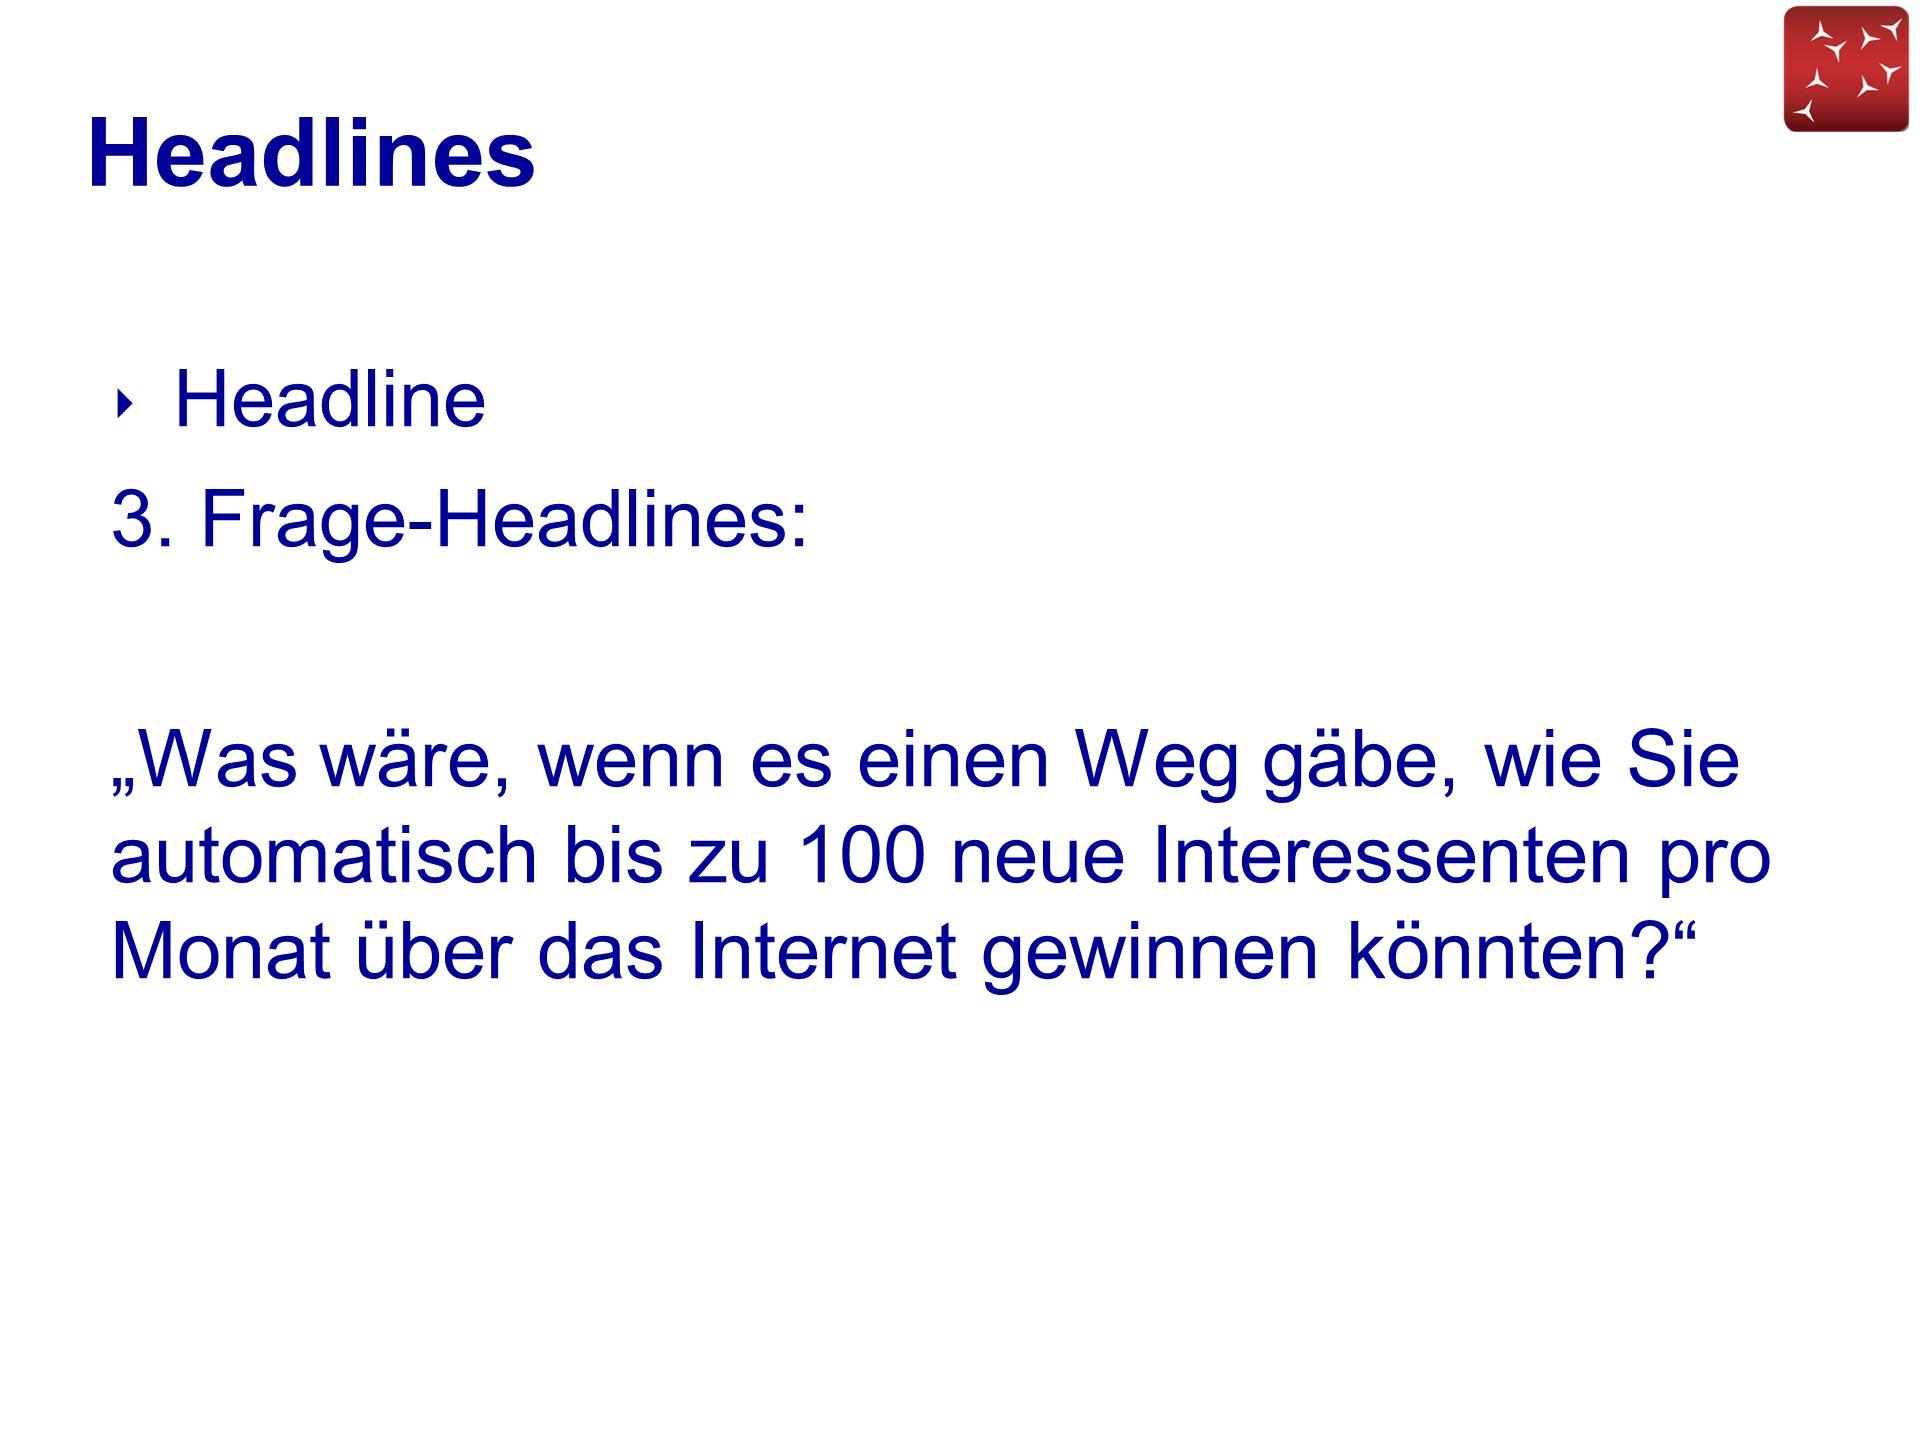 """Headlines ‣ Headline 3. Frage-Headlines: """"Was wäre, wenn es einen Weg gäbe, wie Sie automatisch bis zu 100 neue Interessenten pro Monat über das Inter"""